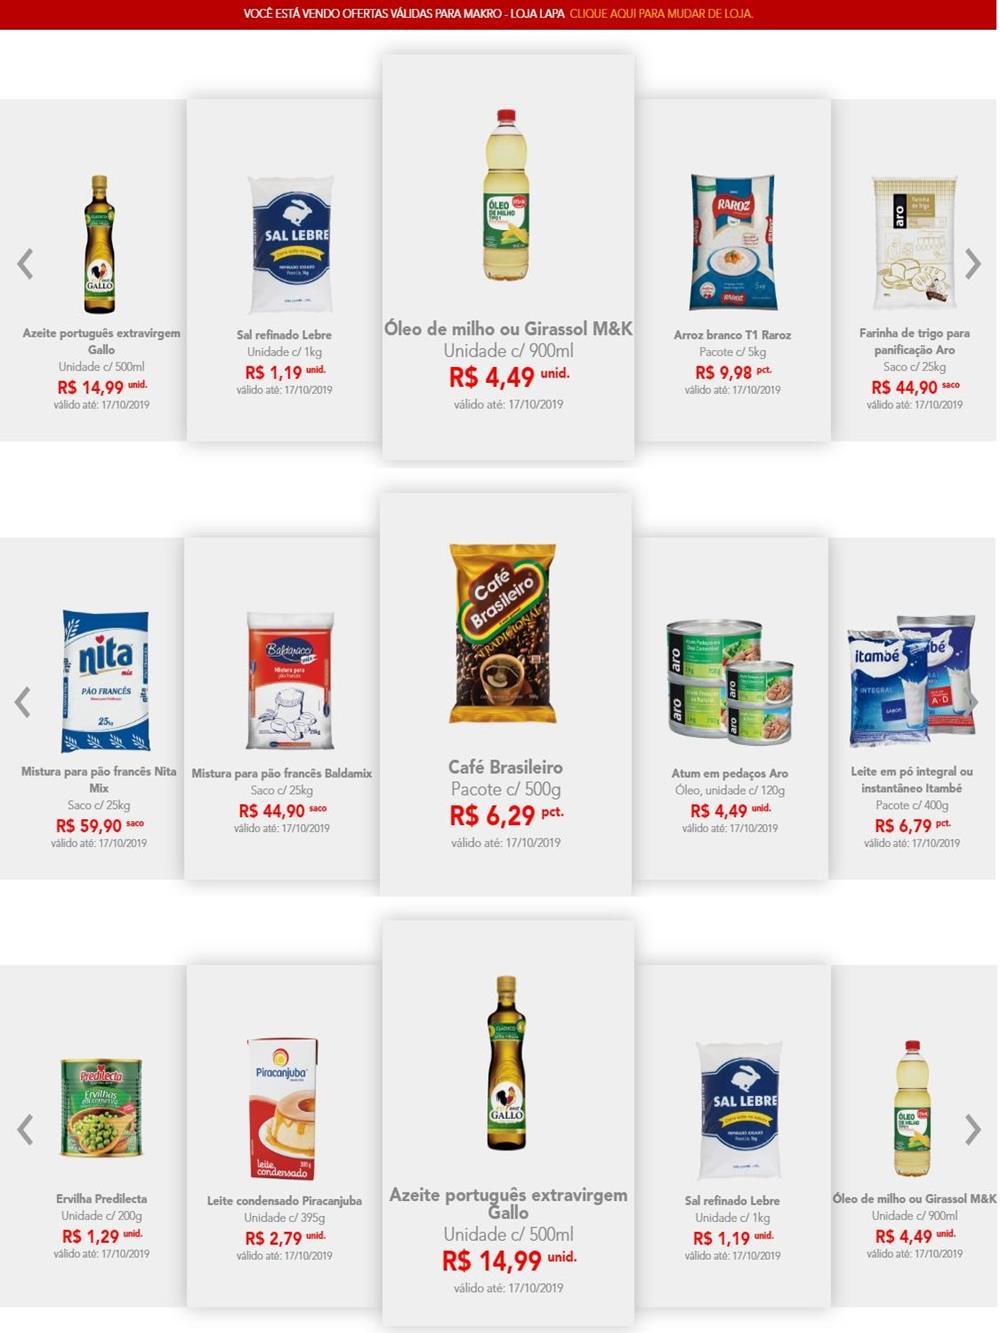 makro-Ofertas-Tabloide1 Ofertas de supermercados - Black Friday 2019